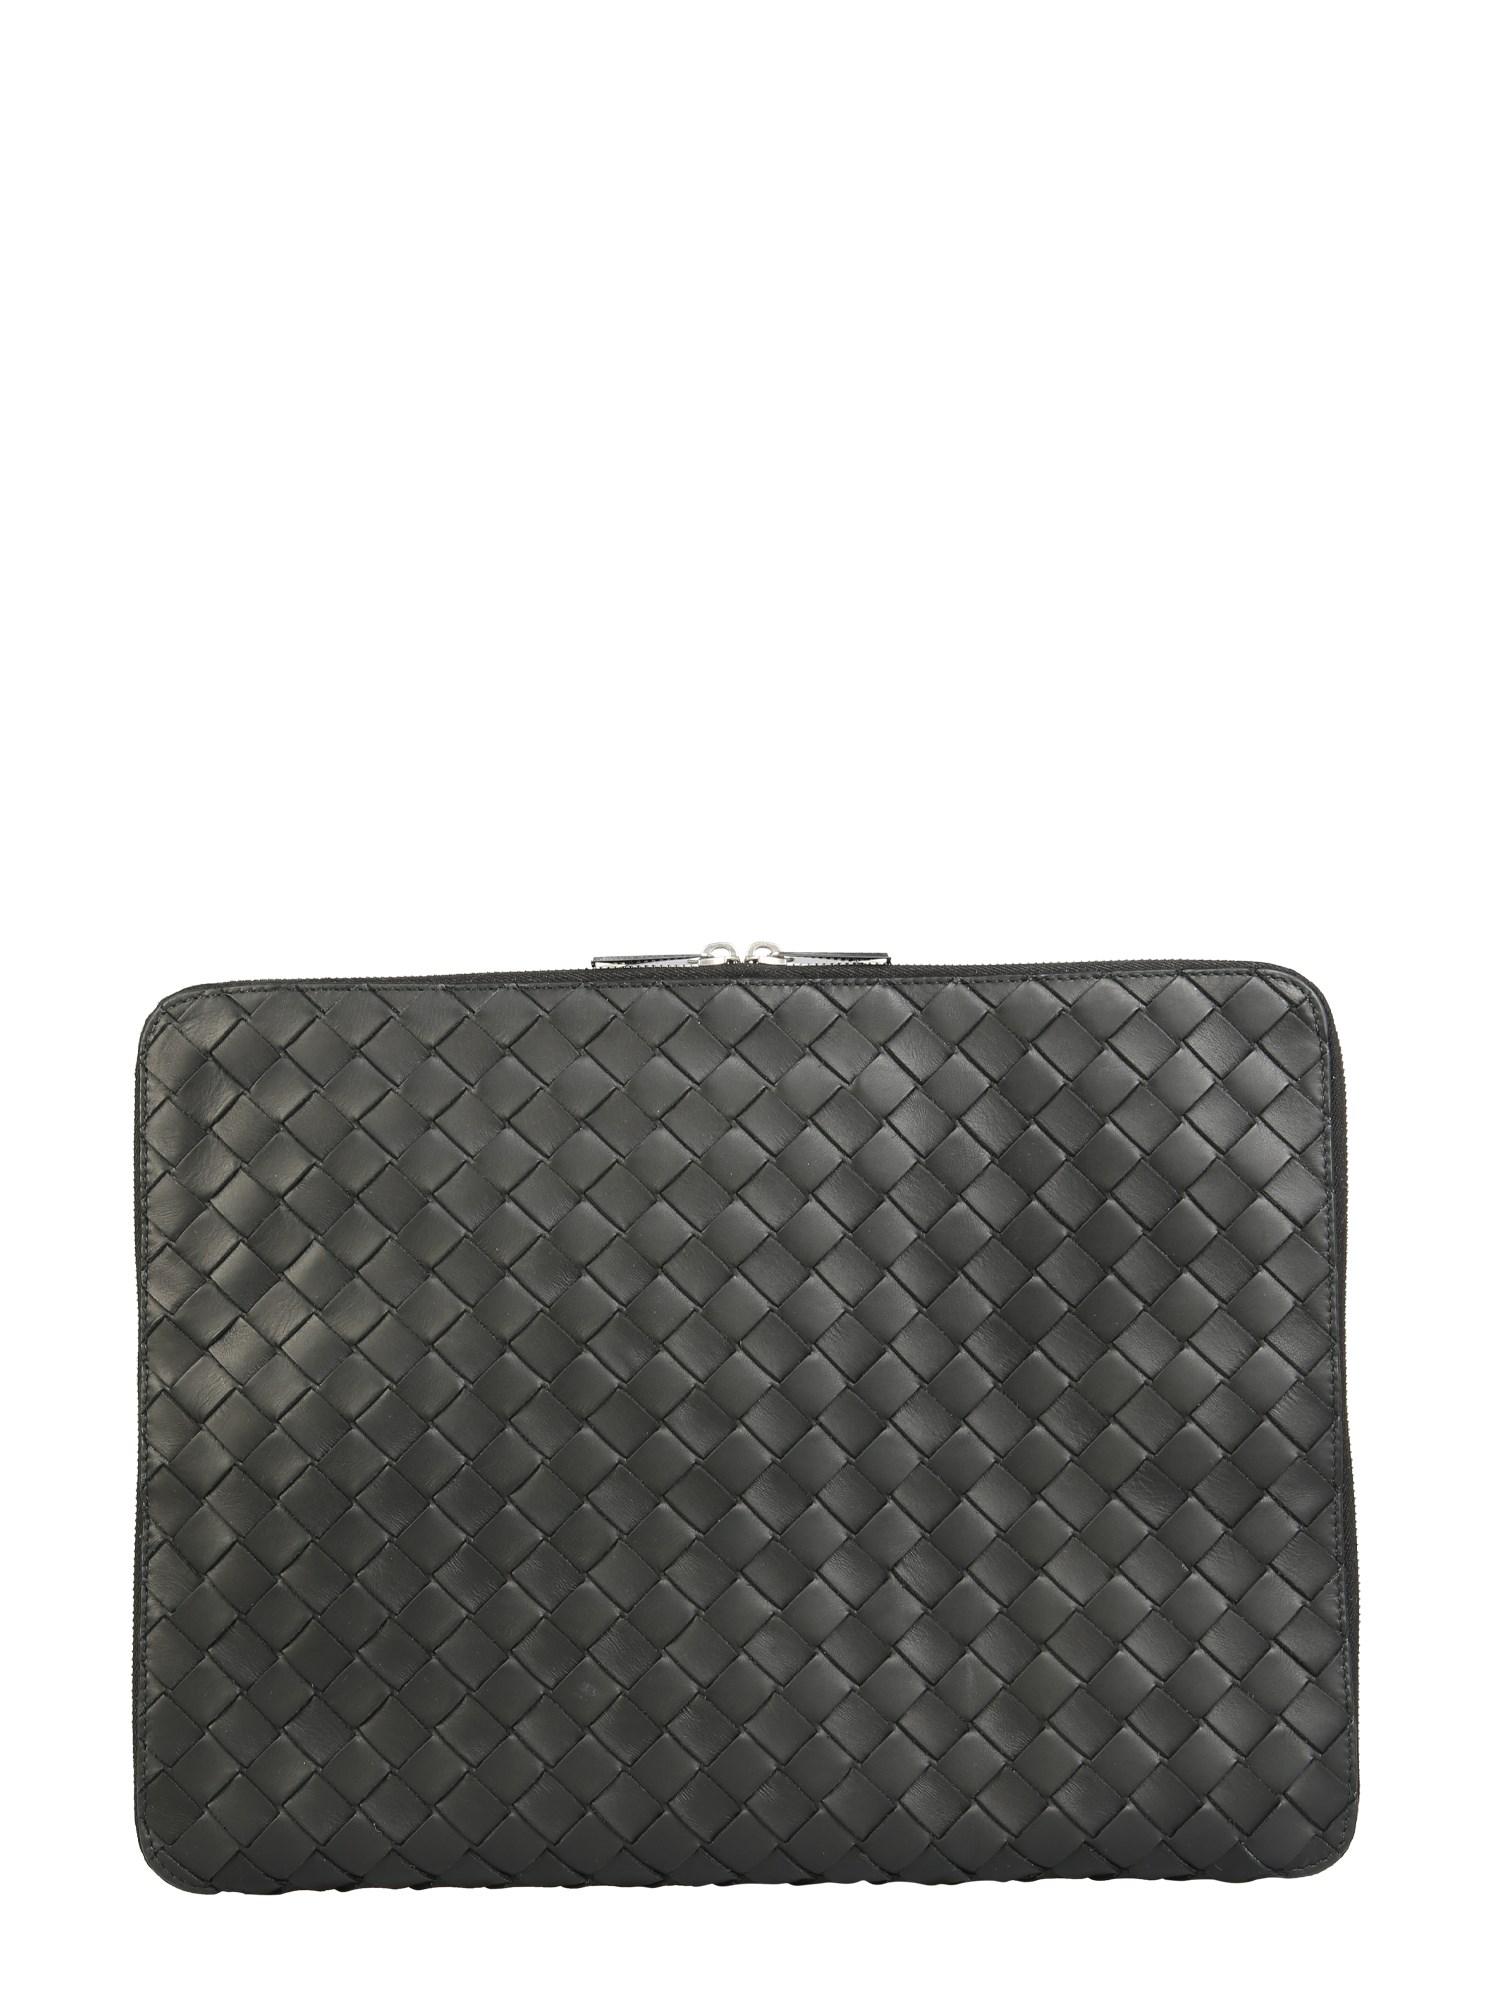 bottega veneta leather document holder